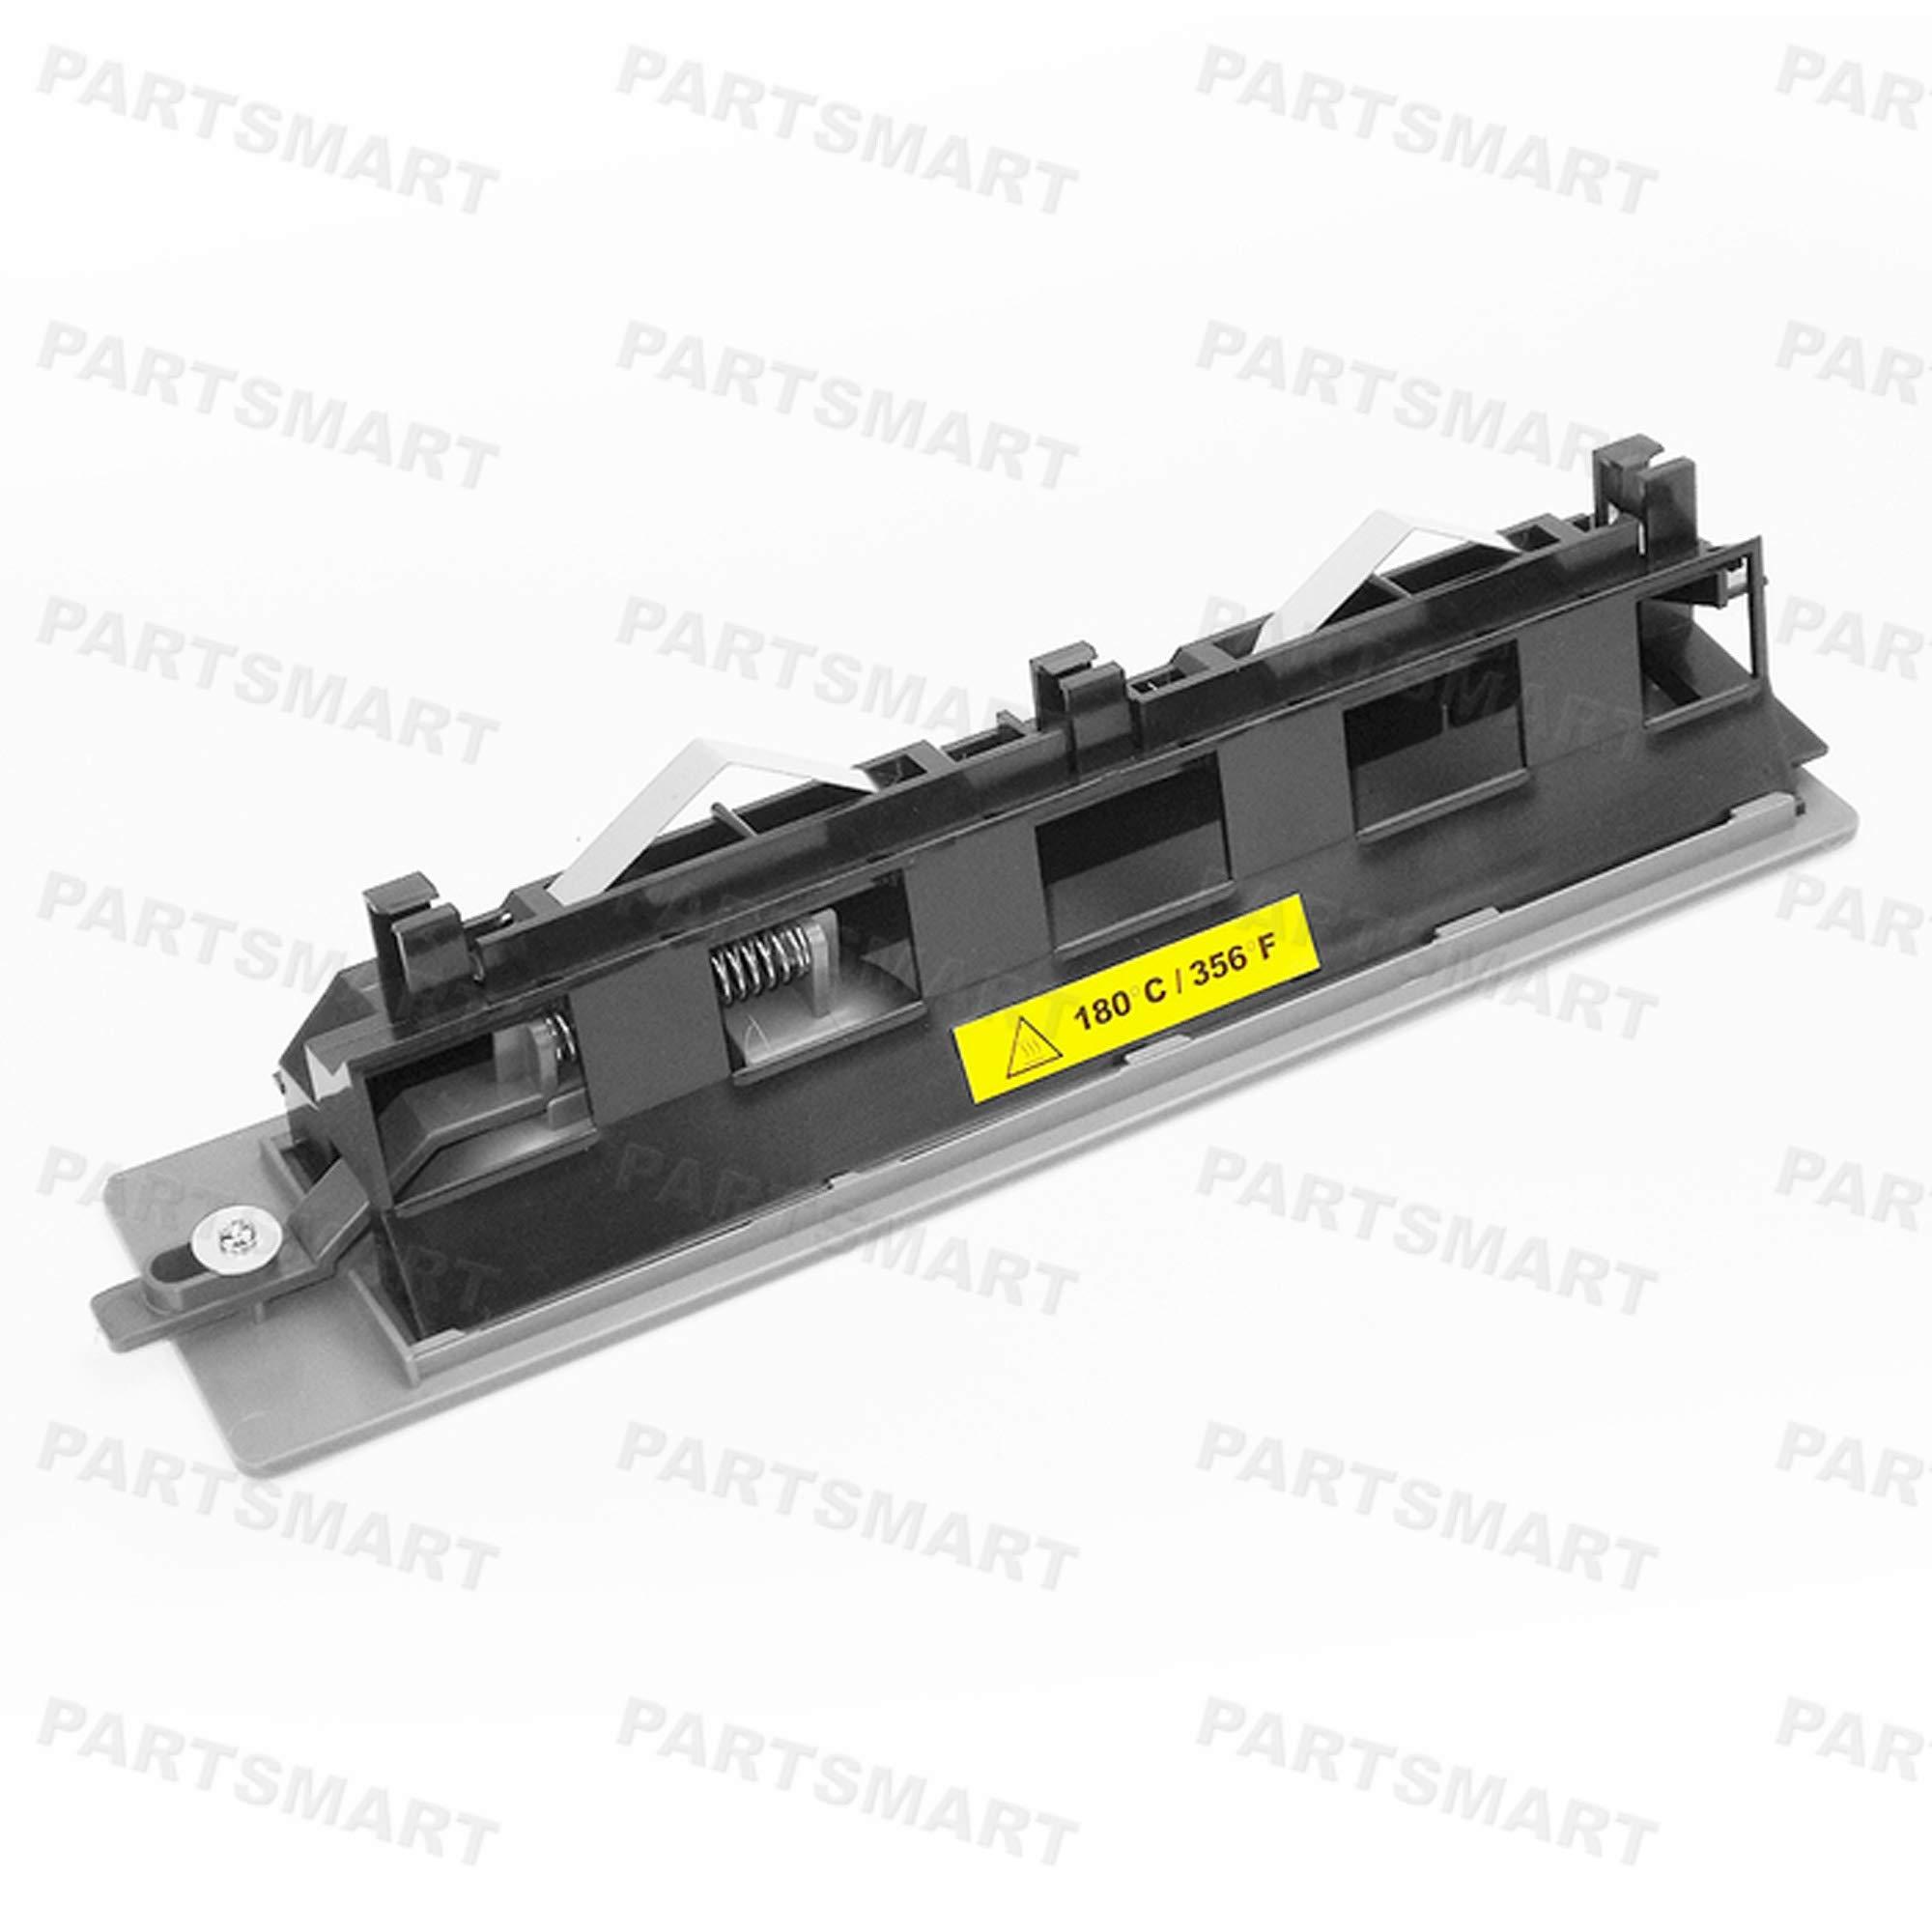 40X4417 / 41X4417 Fuser Wiper Cover for Lexmark T650, T652, T654, T656, TS654, TS656, X651, X652, X654, X656, X658, XS651, XS654, XS658